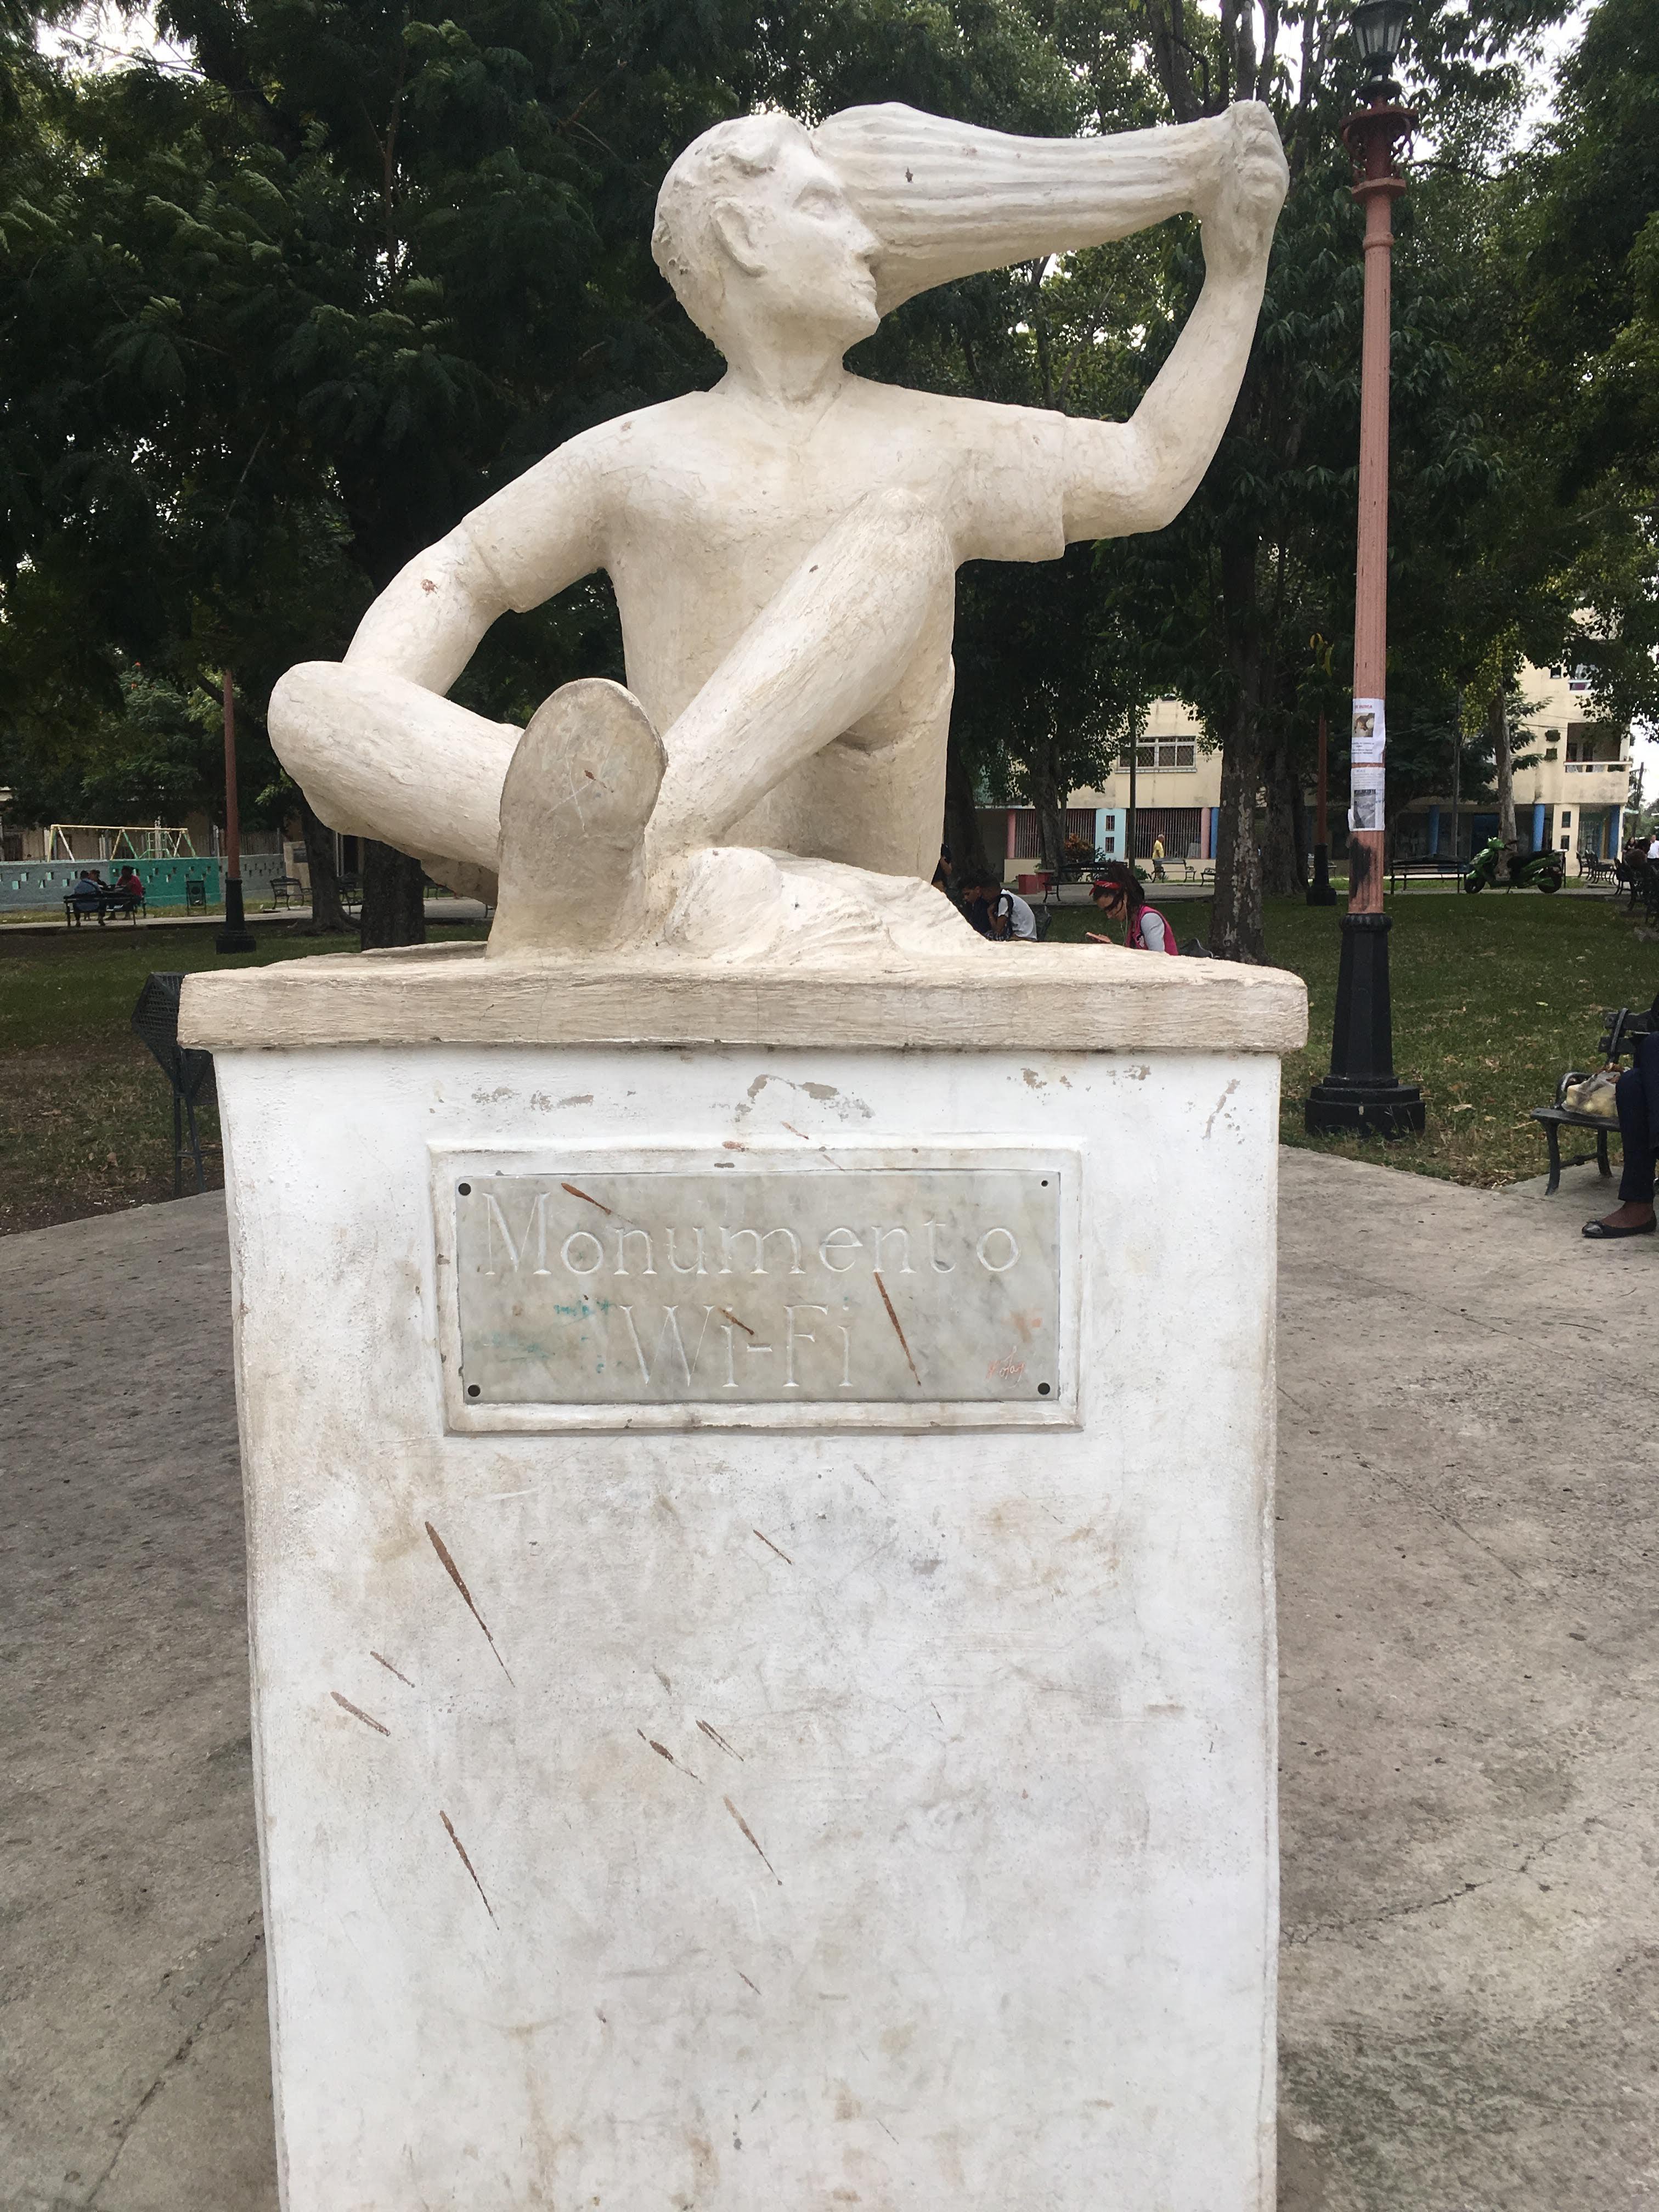 Monumento Wi-Fi